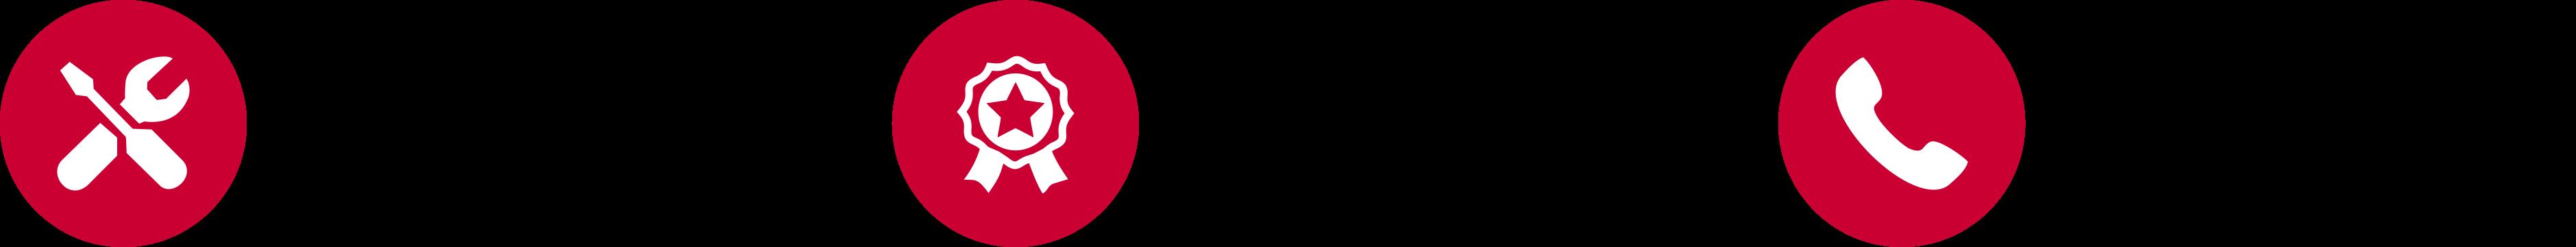 Màn hình led p5 hiện đại